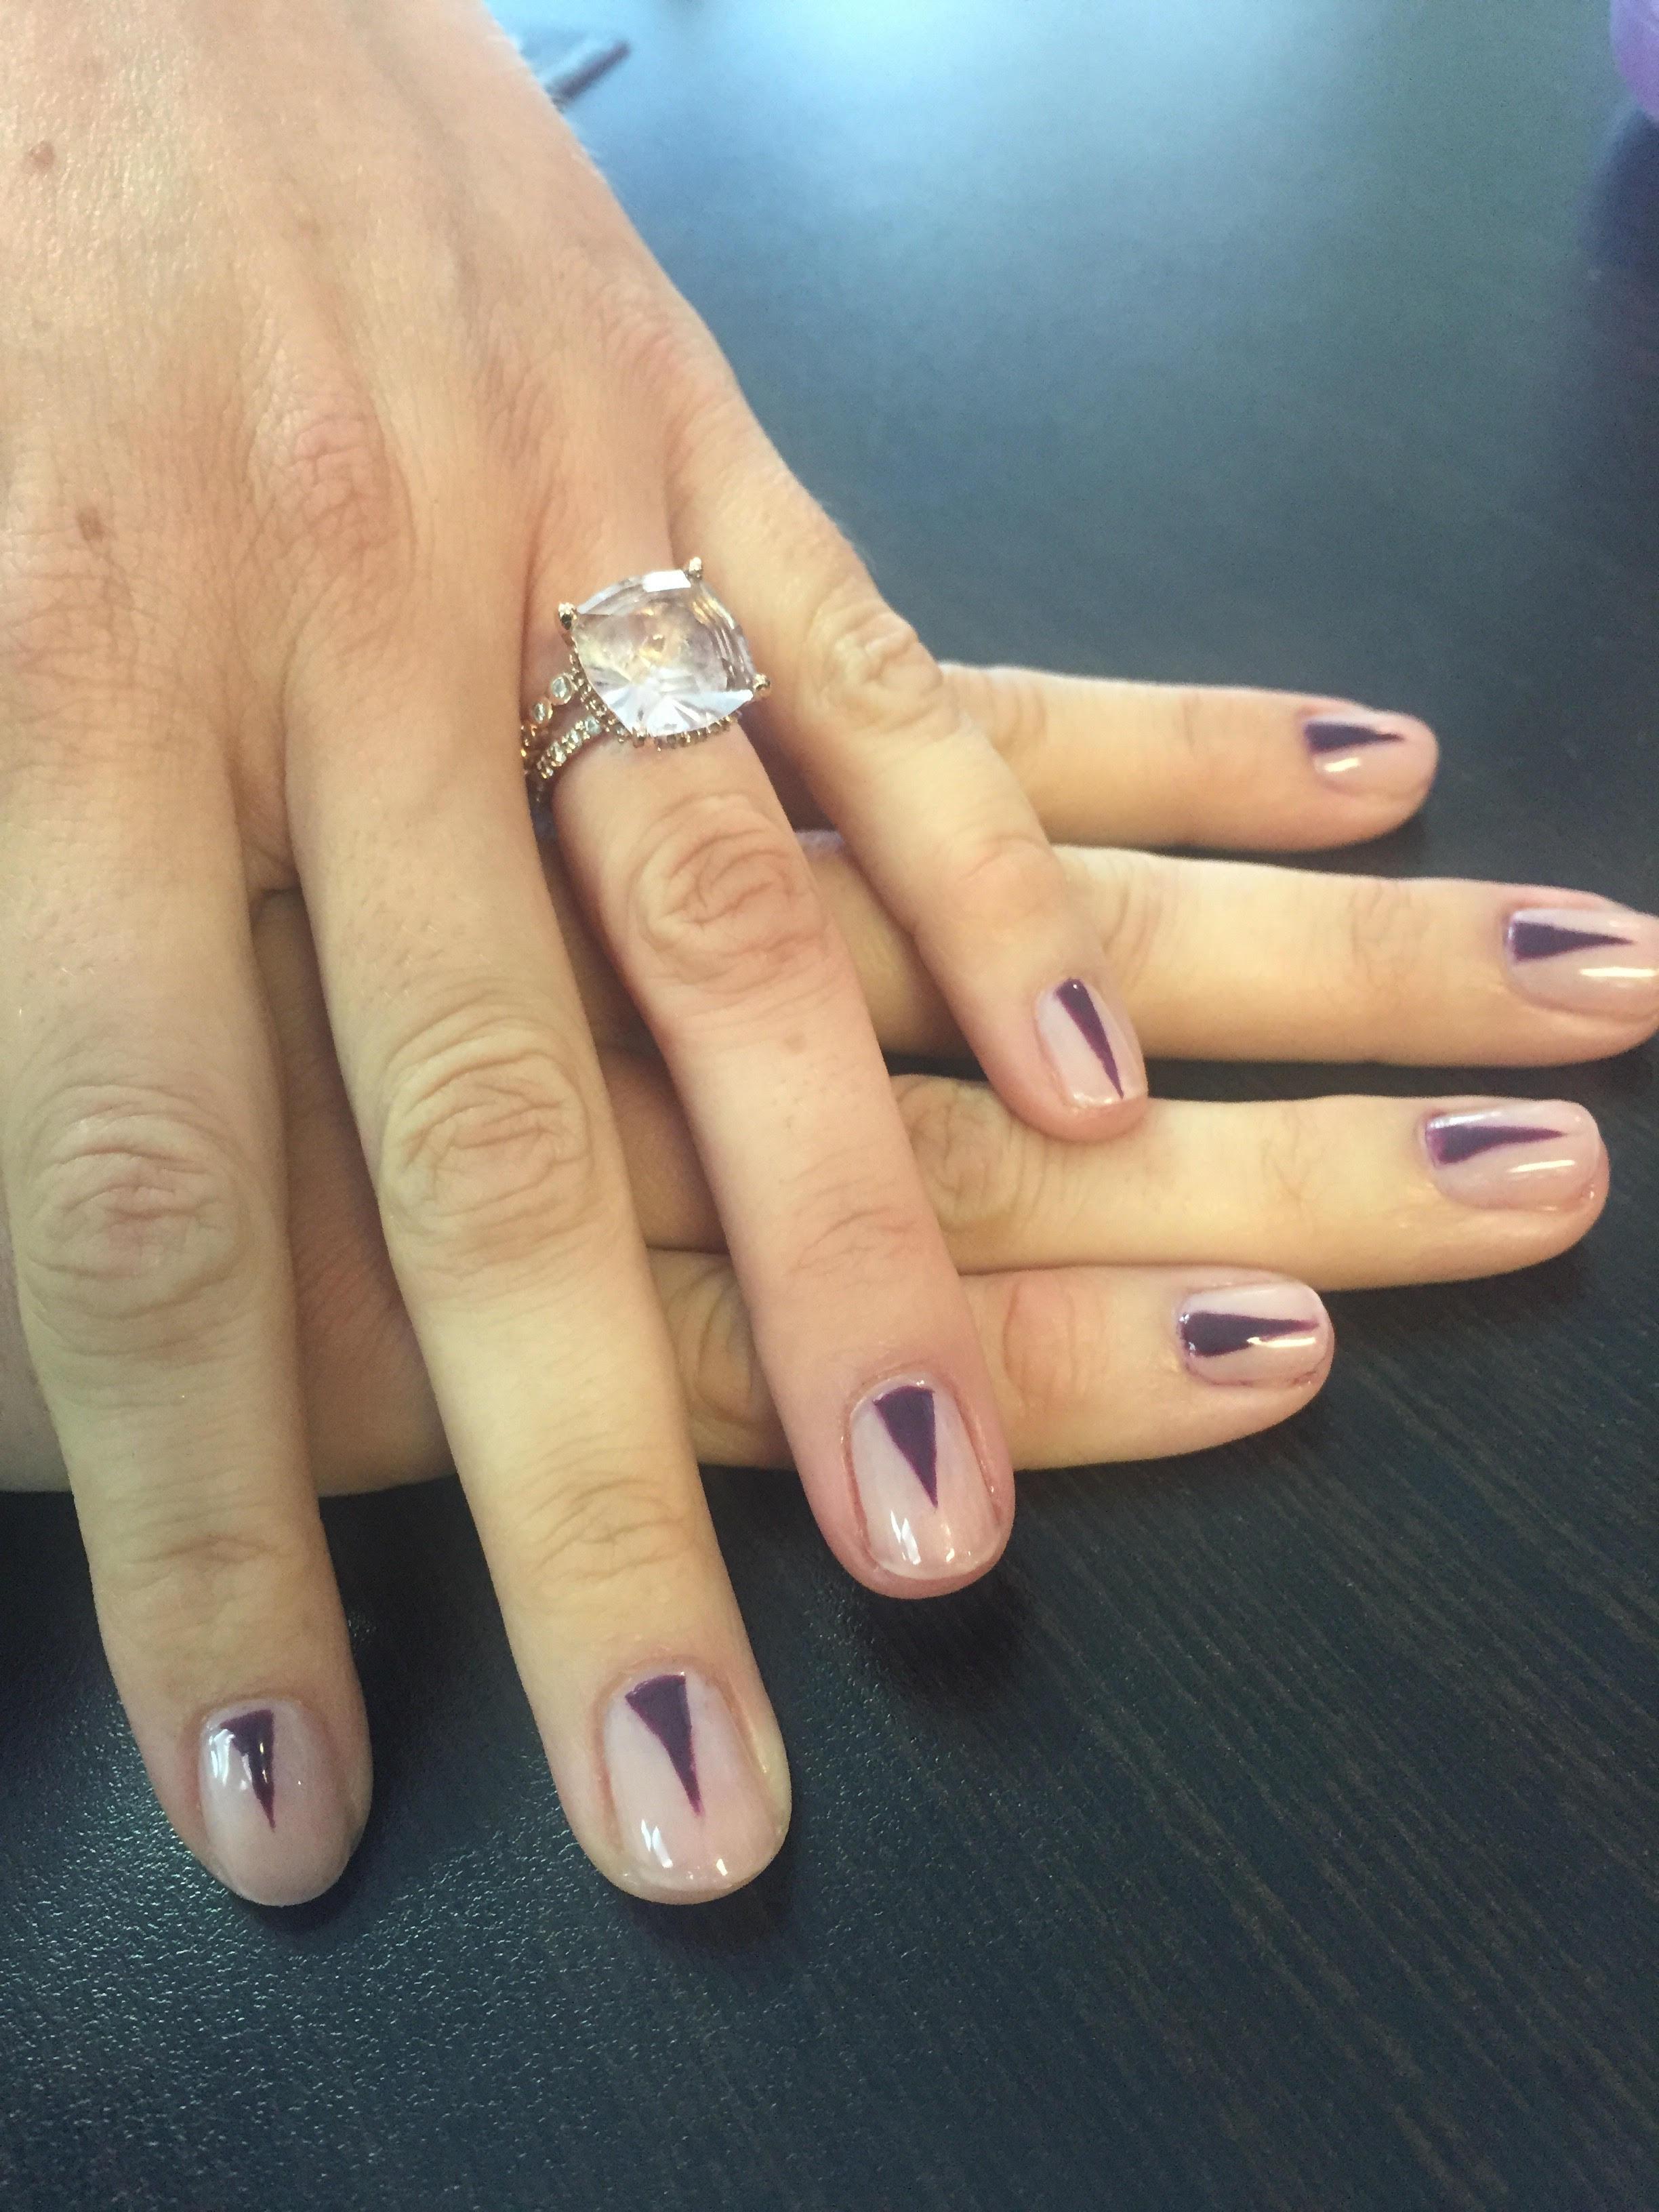 Manicure Amadora Spa